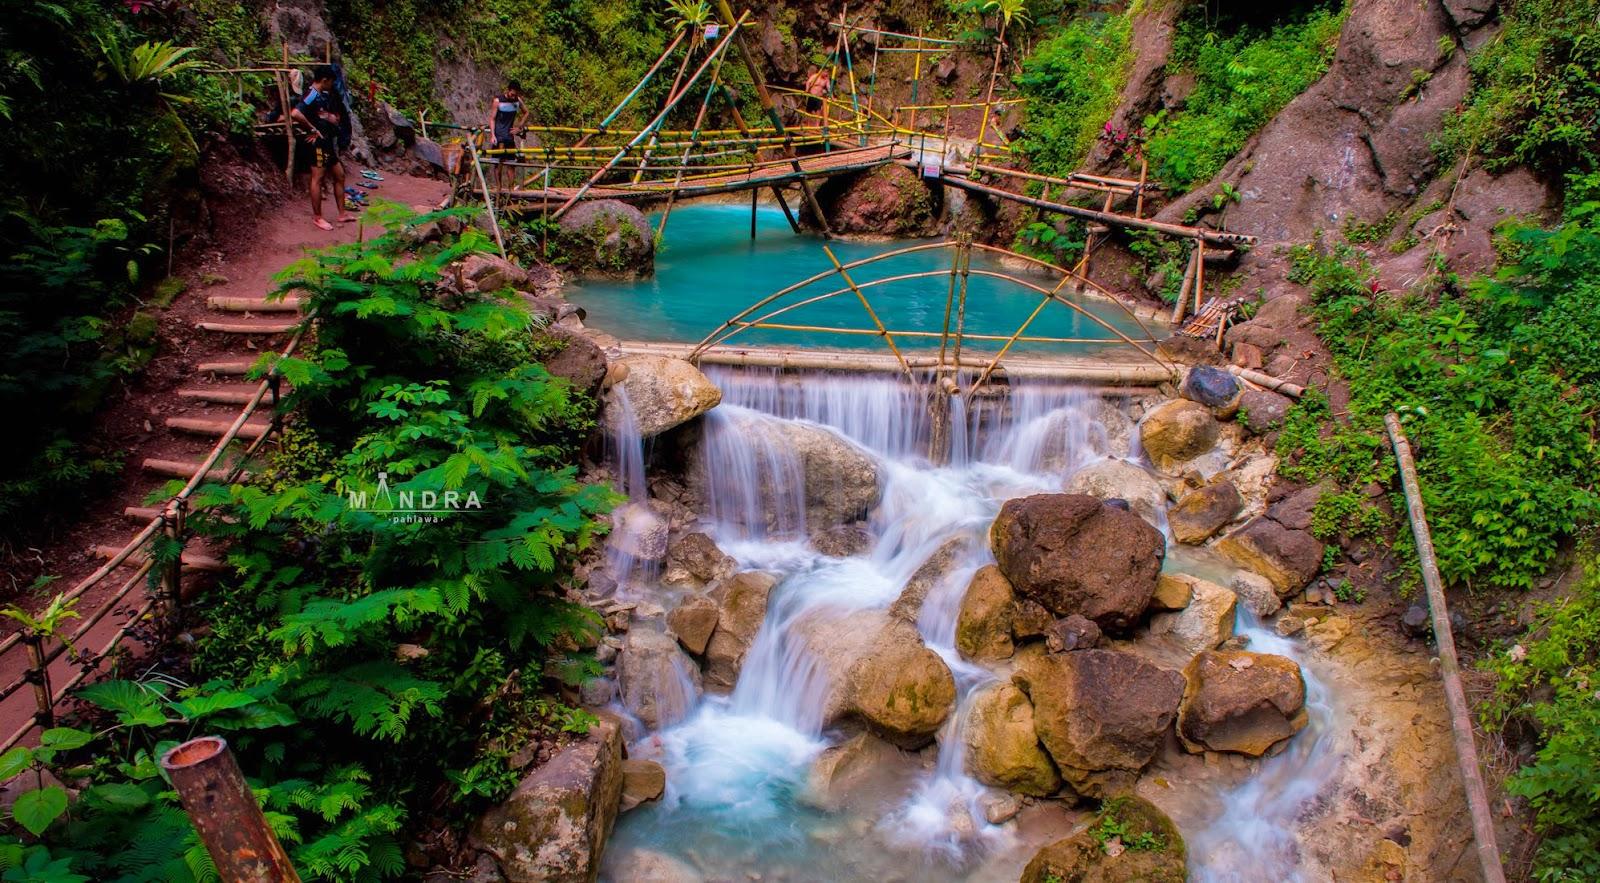 Kedung Pedut, Segarnya Bermain Air di Water Park Alami